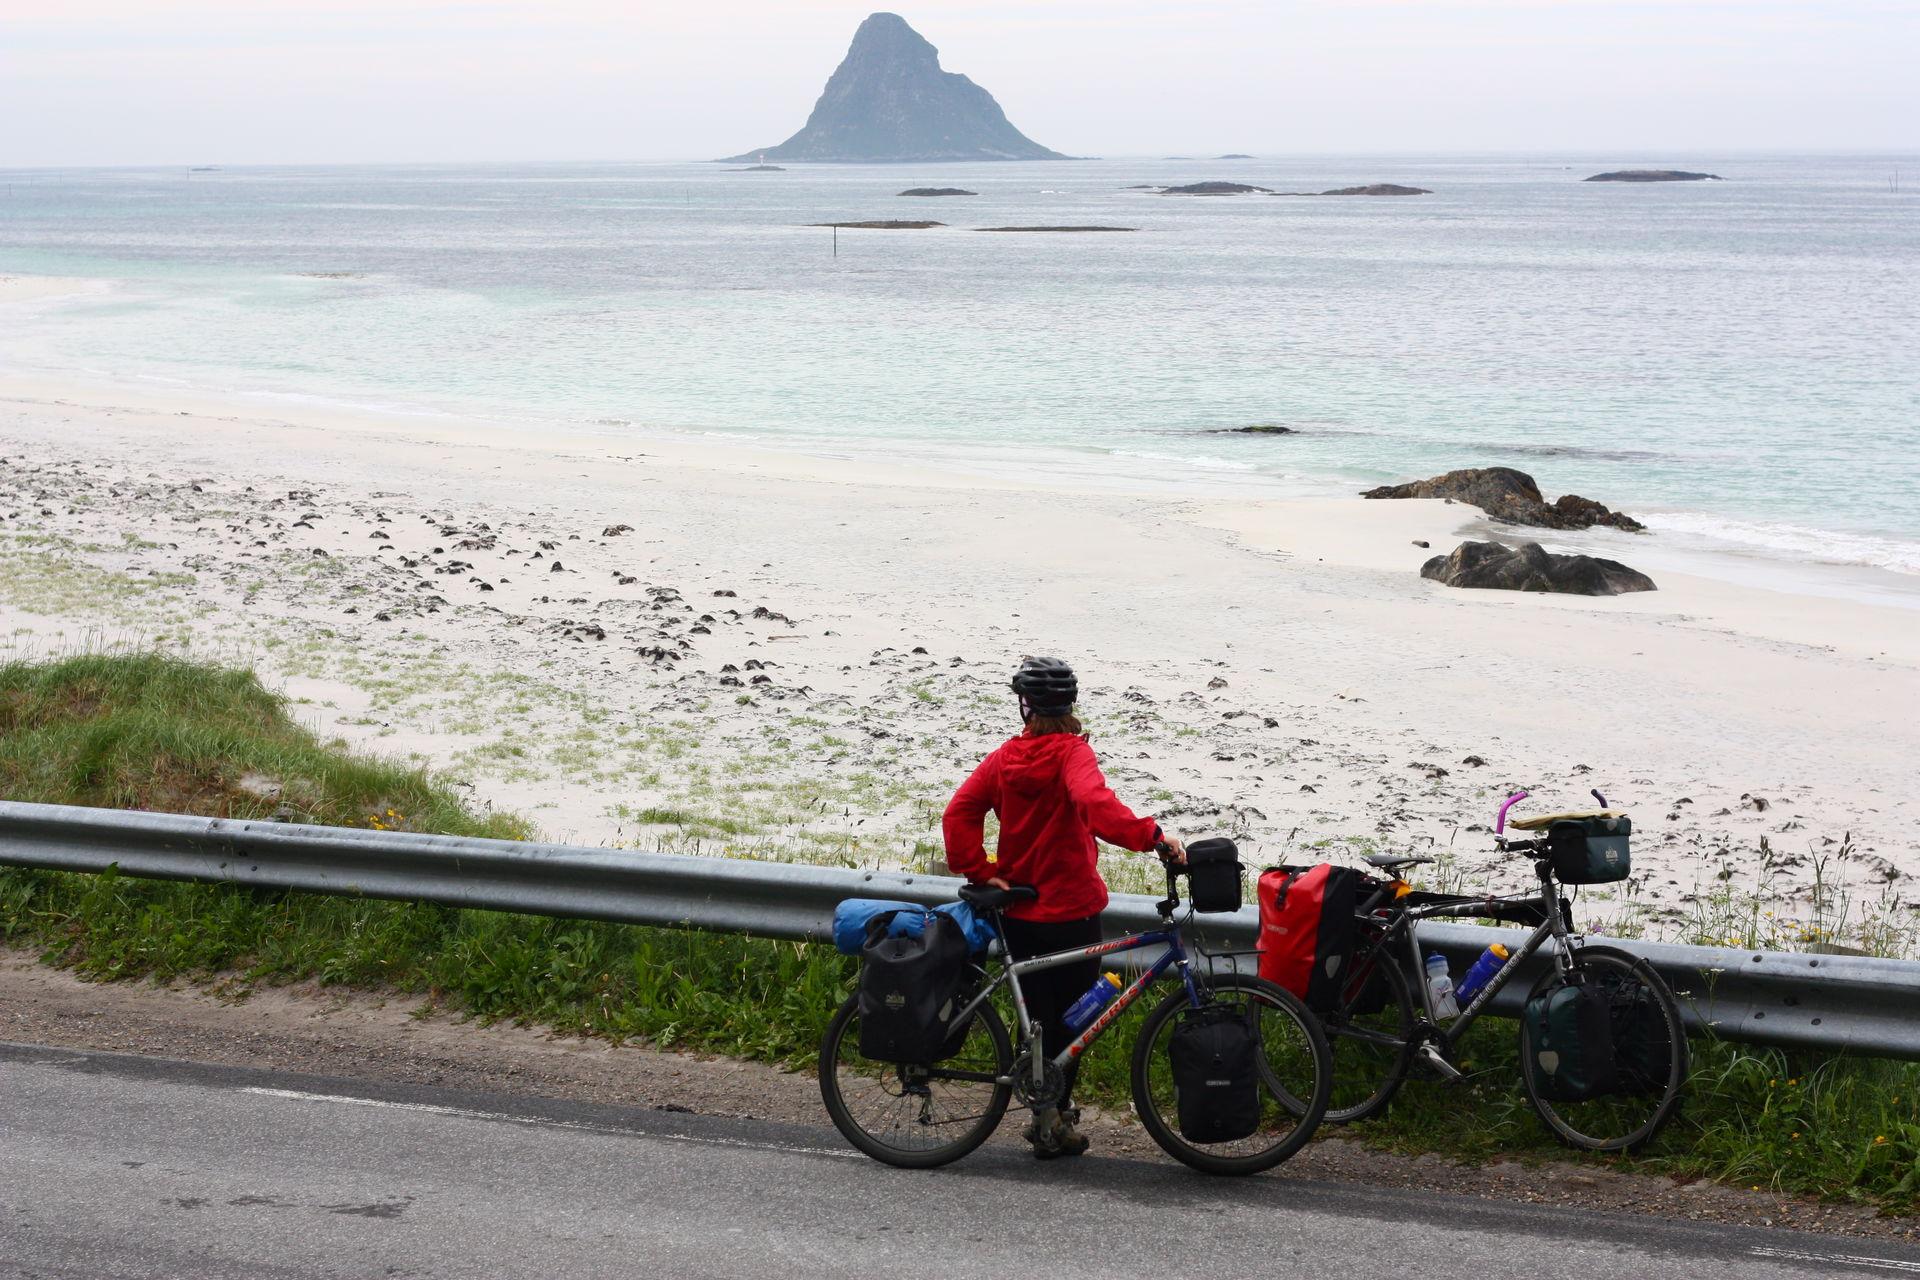 Stopp ved Bleik på Nasjonal turistveg på Andøya. Bleiksøya ligger der ute © Øyvind Wold